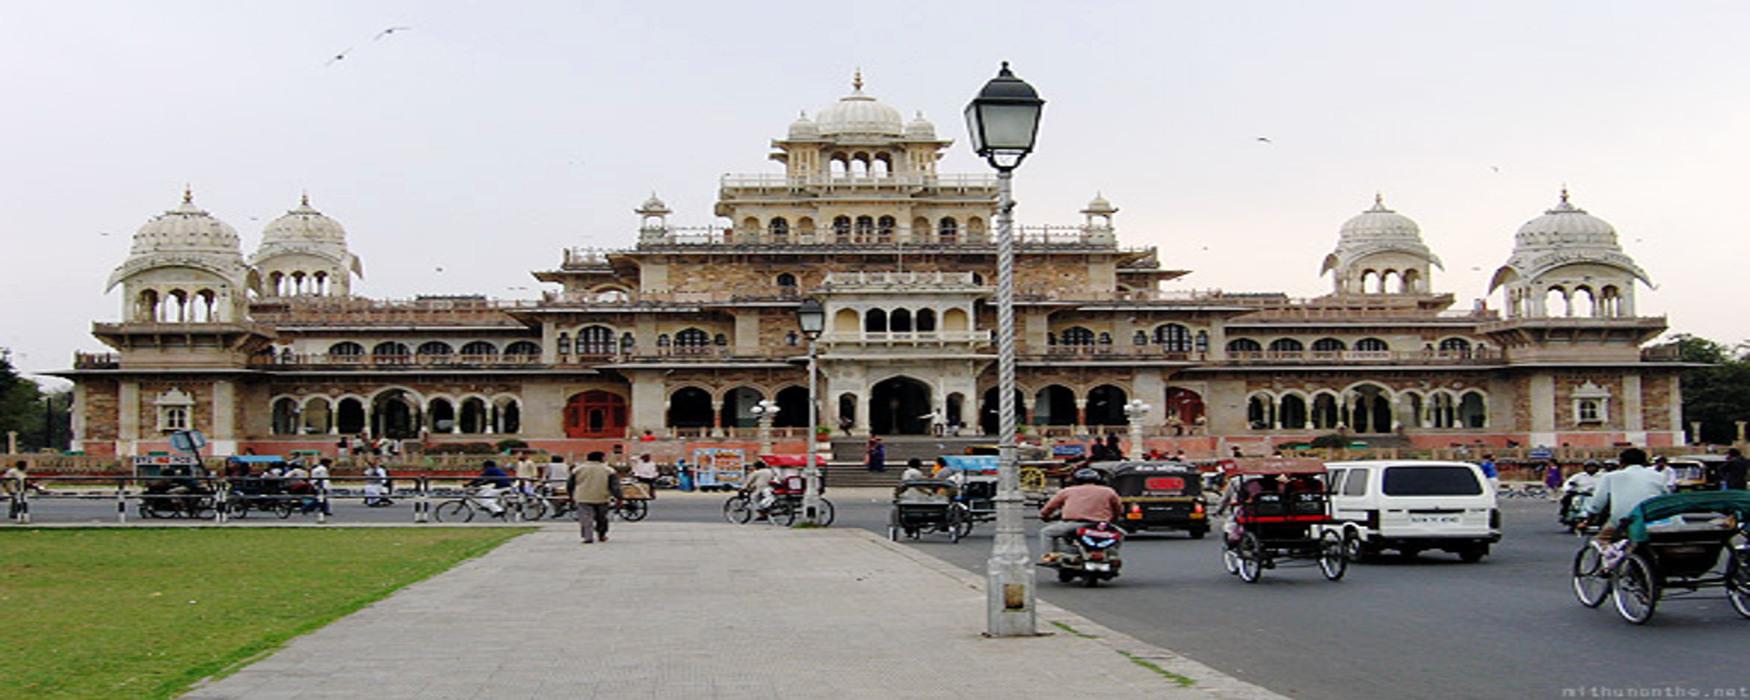 Bharat Taxi Jaipur